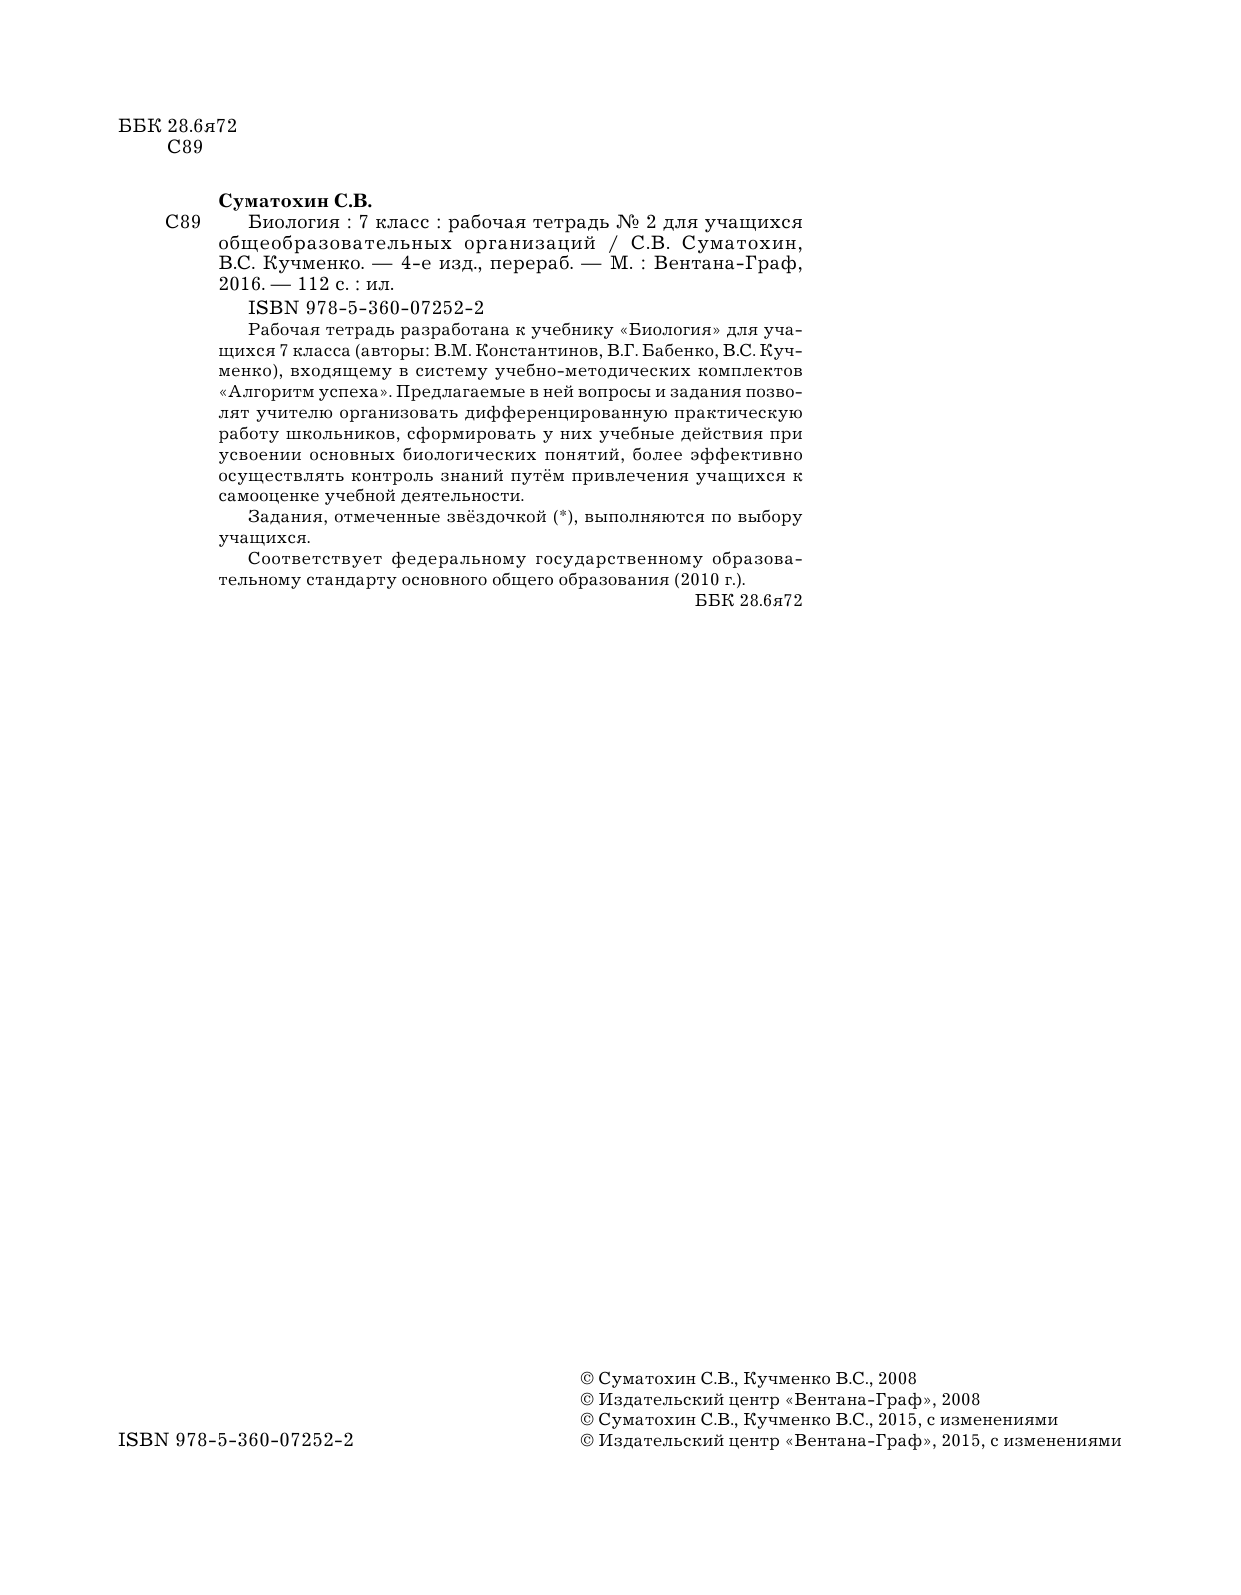 гдз рабочая тетрадь суматохин сергей витальевич кучменко валерия семеновна